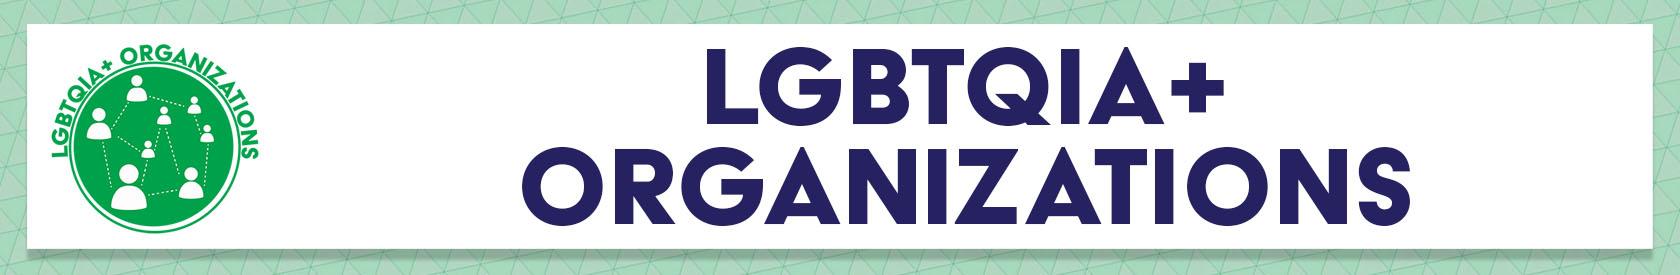 LGBTQIA+ Organizations